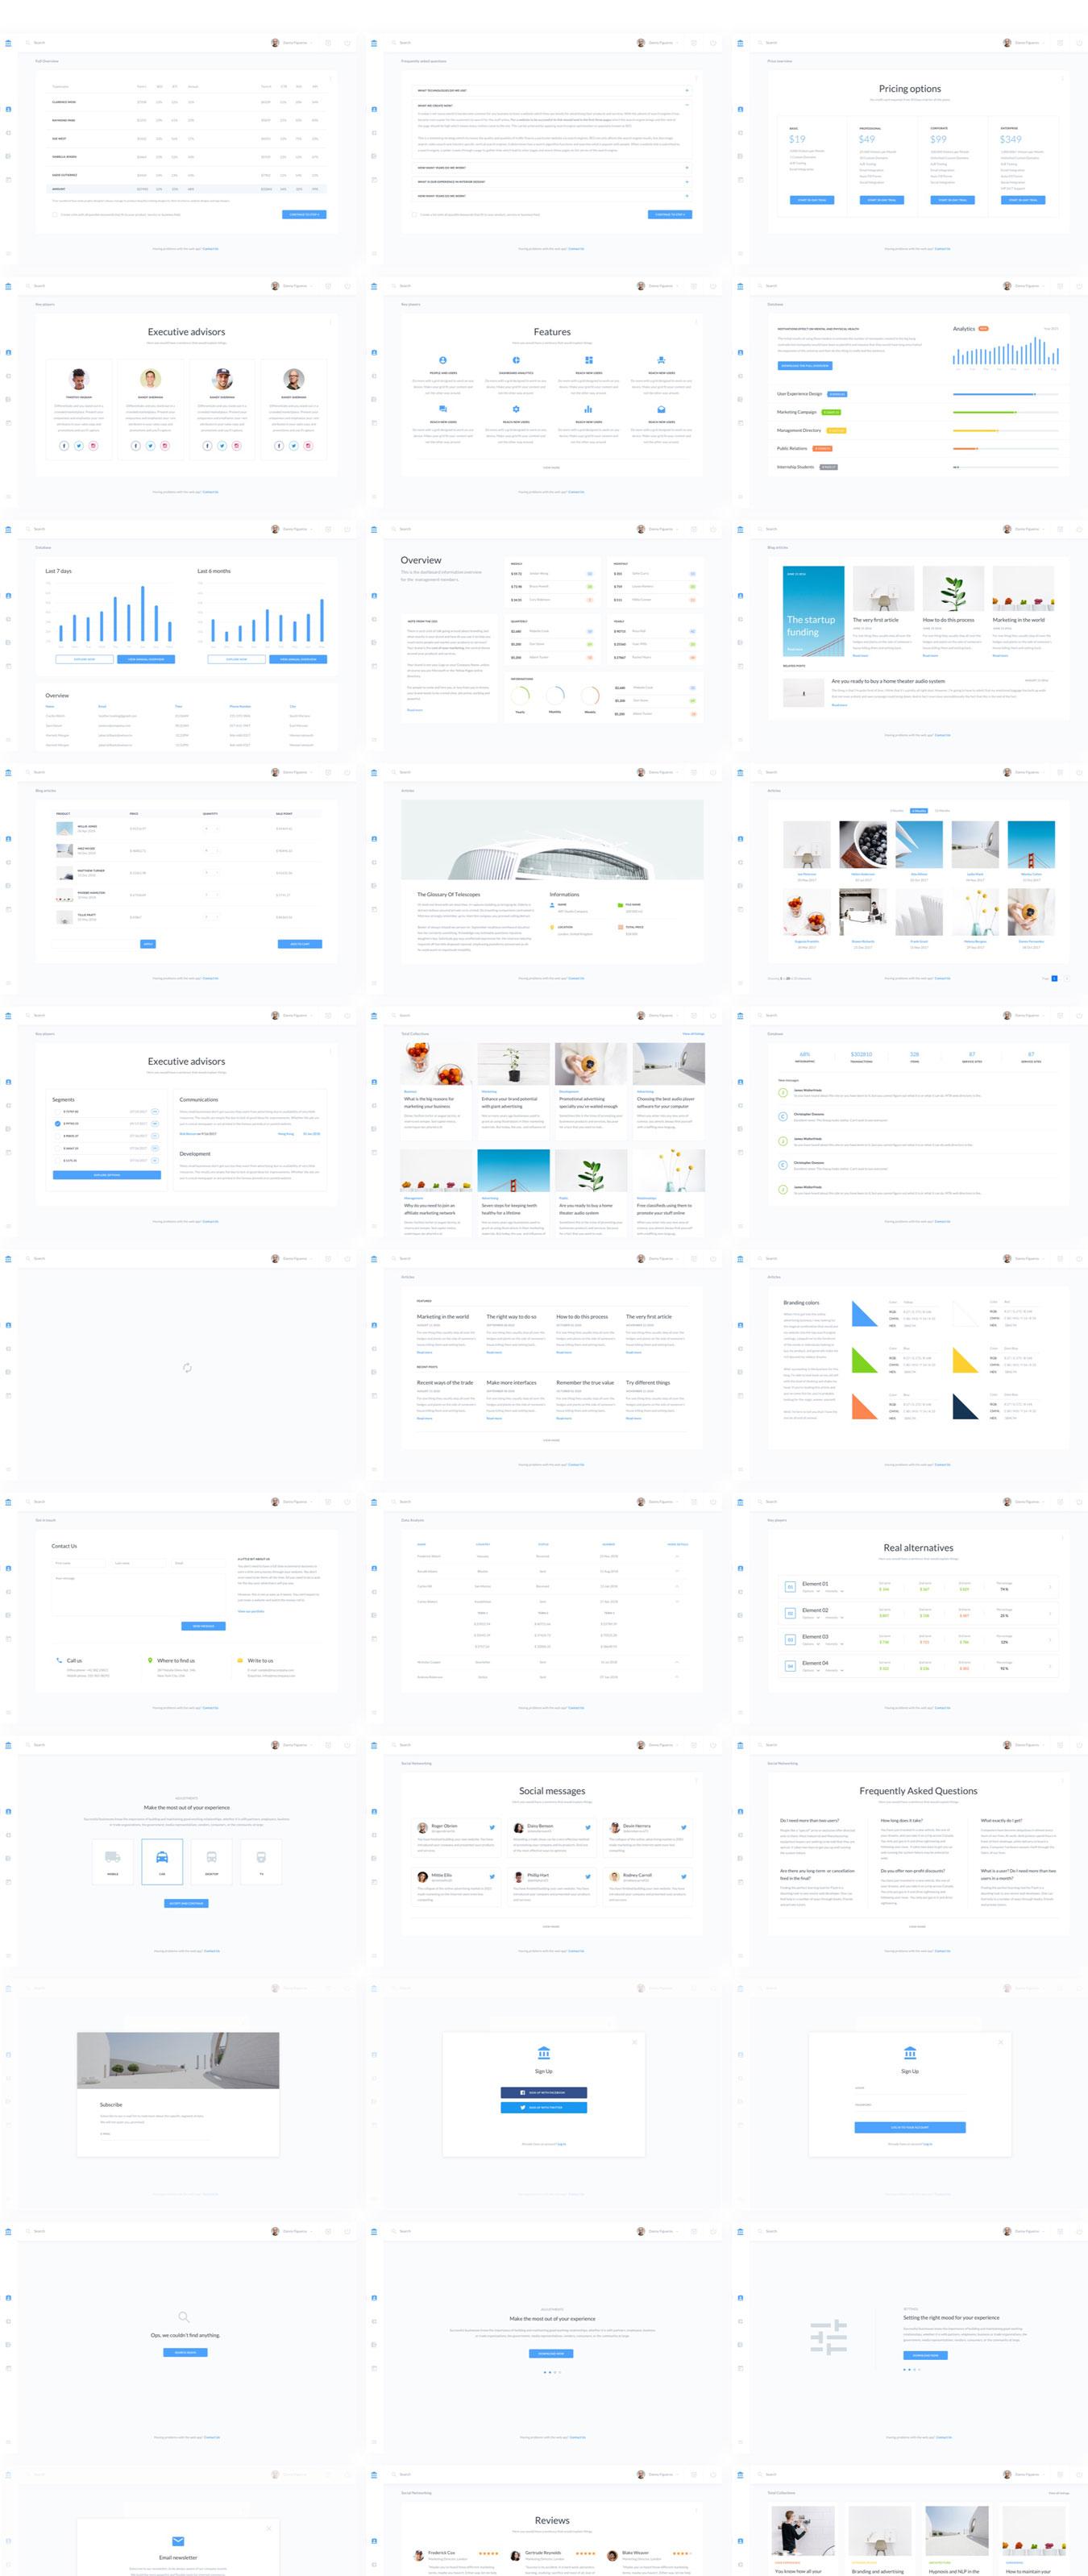 用户管理信息系统界面设计WEB UI模板素材 B2C Dashboards UI Kit插图(9)